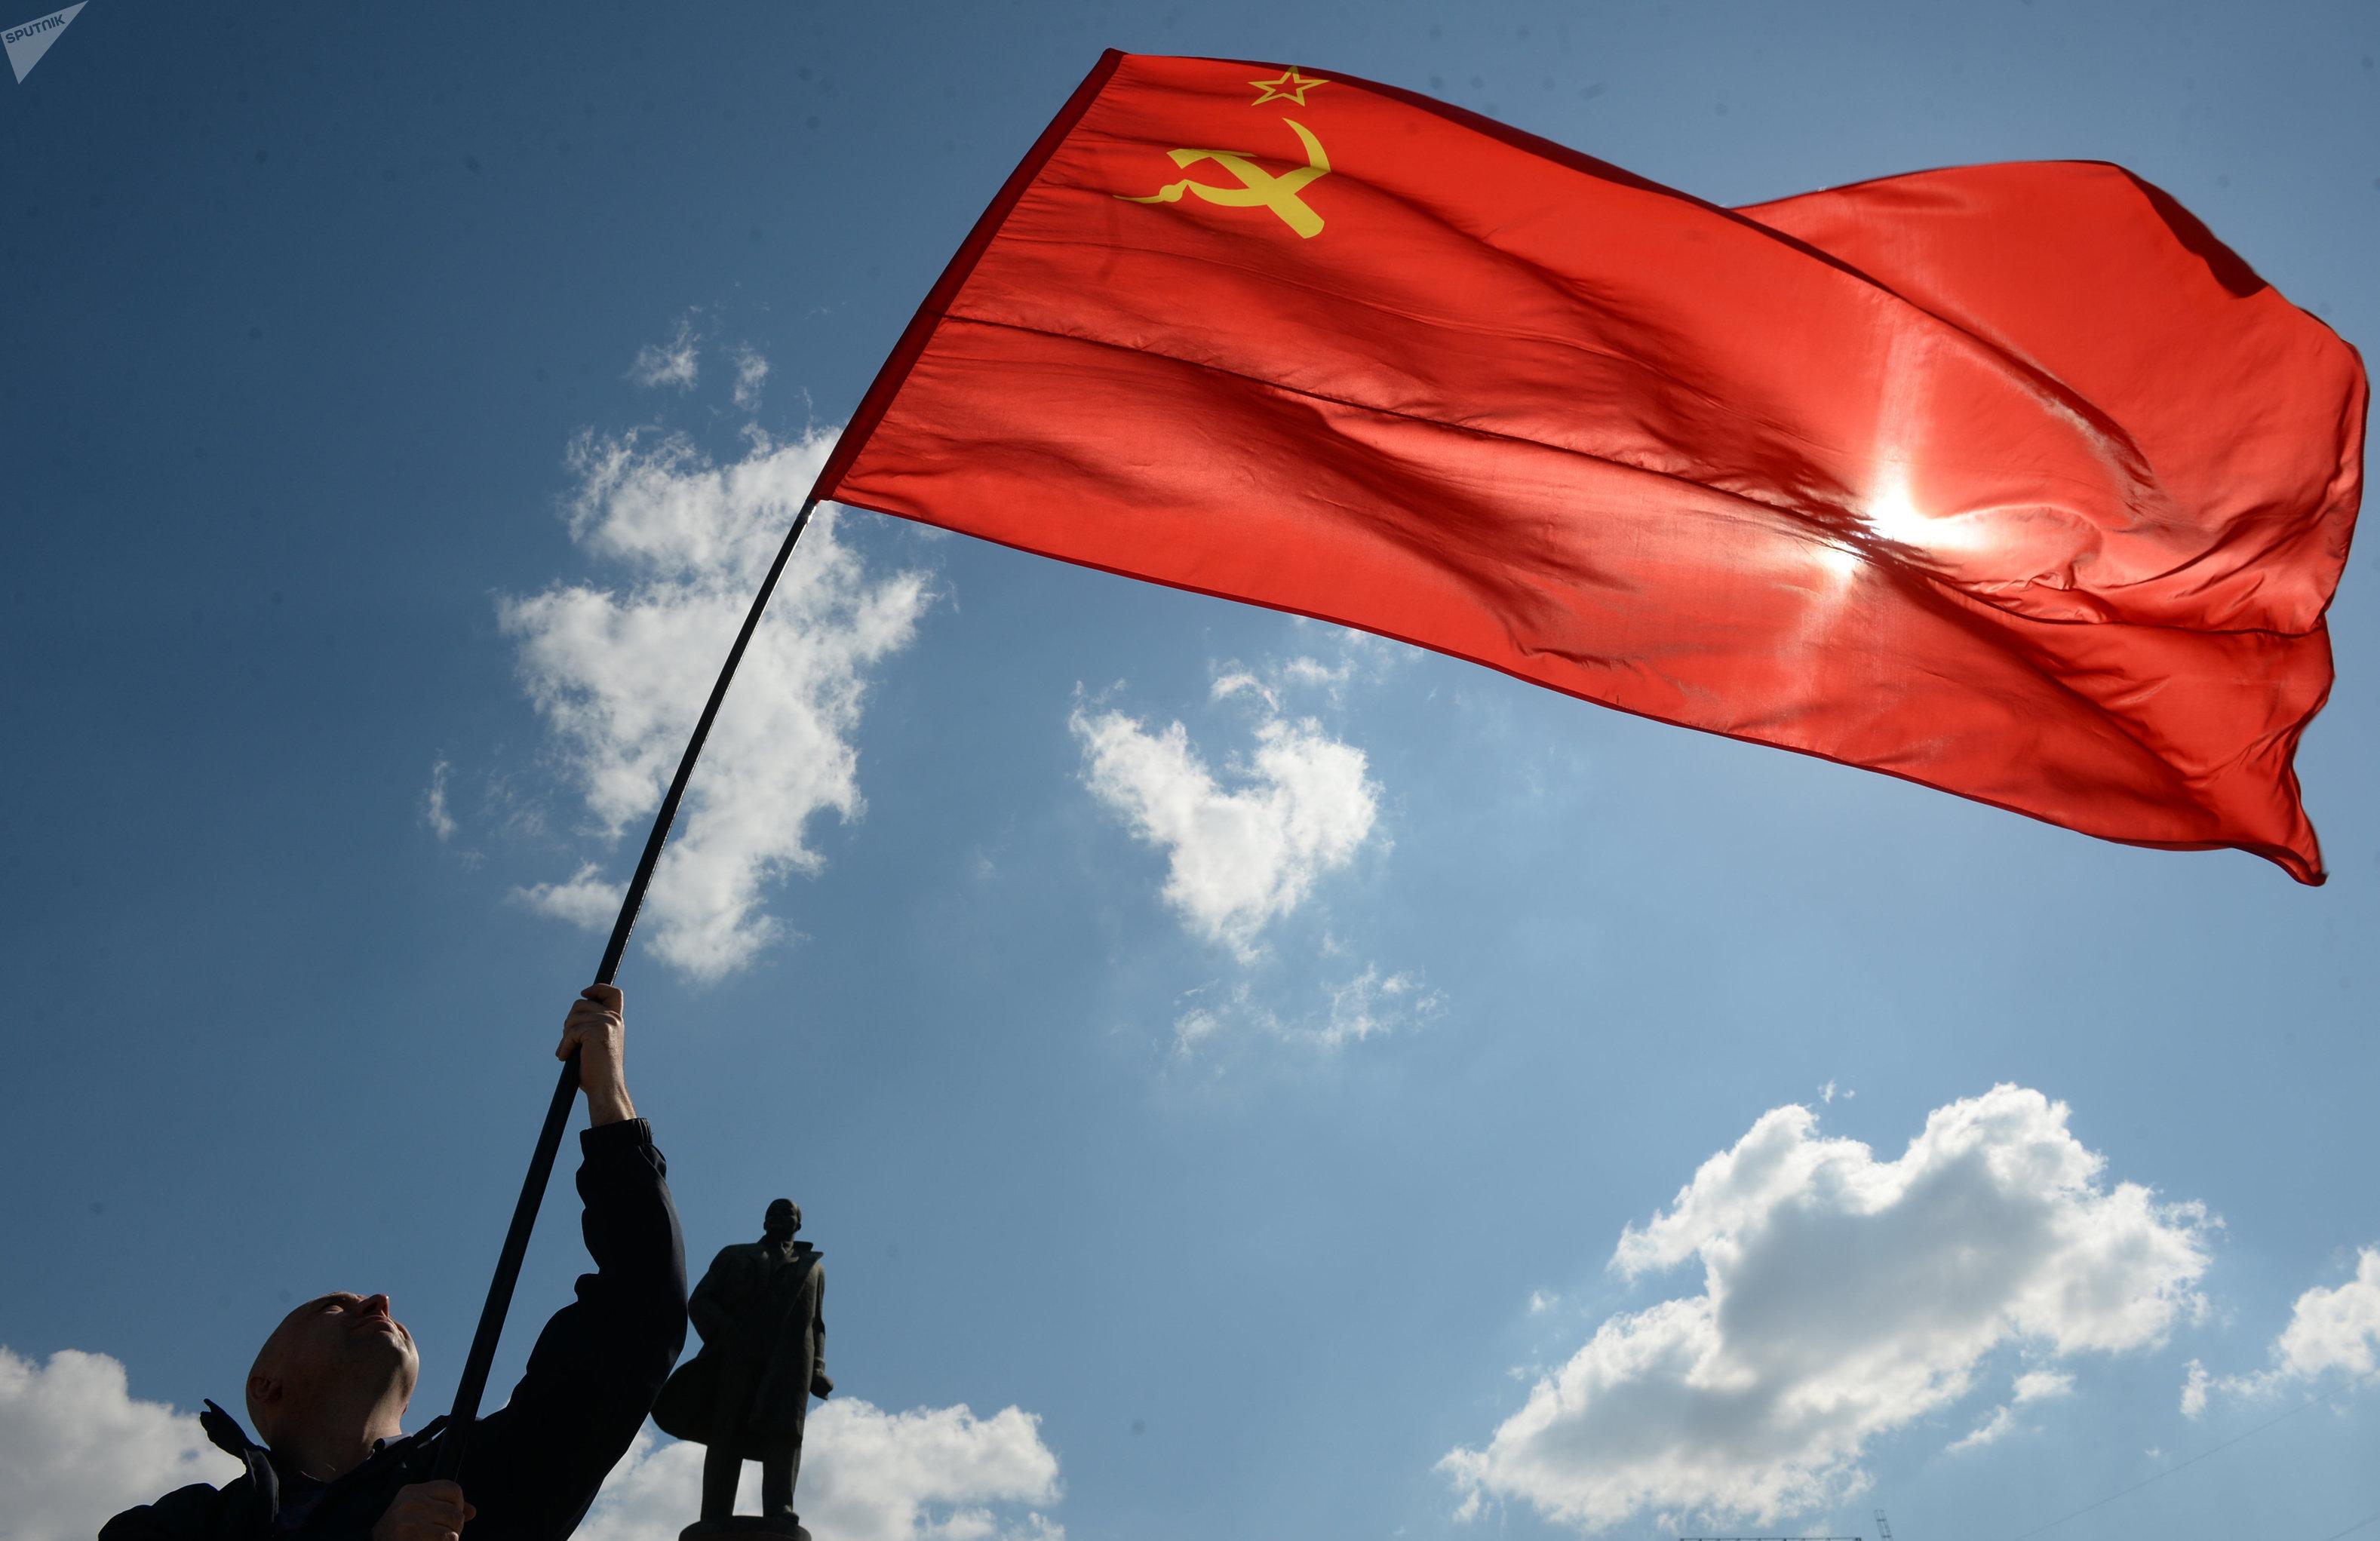 La bandera de la Unión Soviética en la marcha comunista